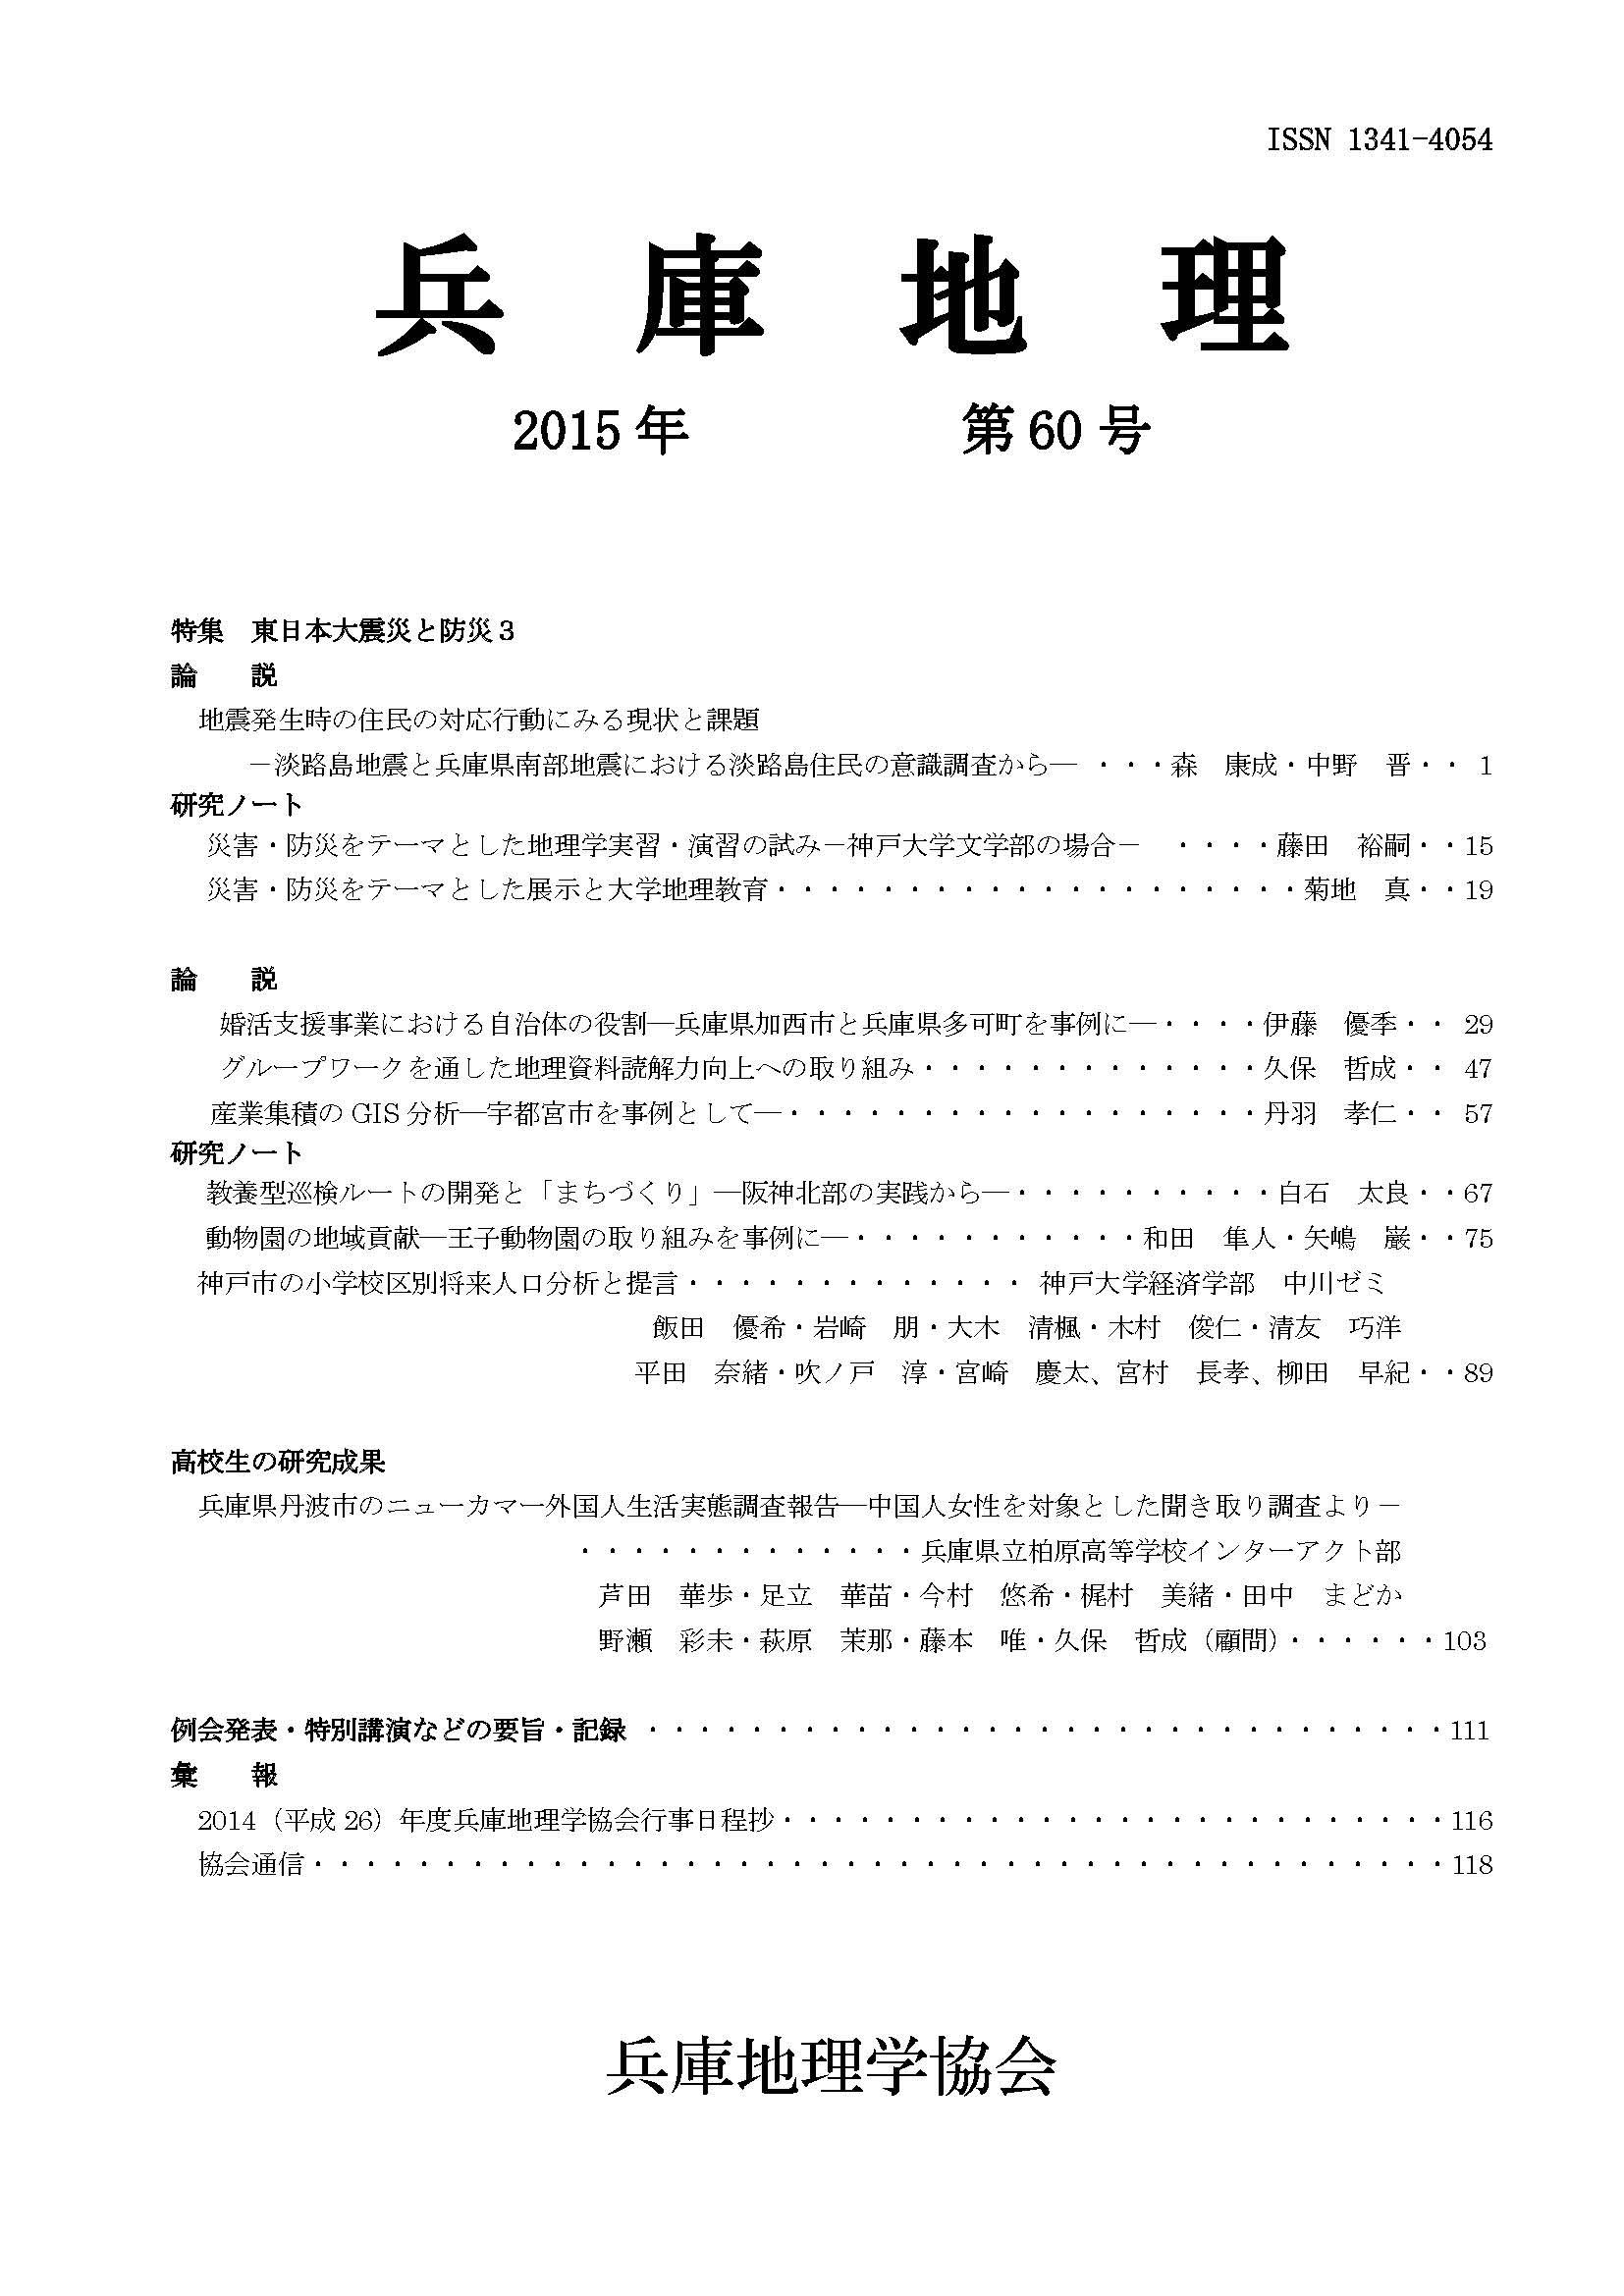 學會誌のバックナンバー紹介|兵庫地理學協會